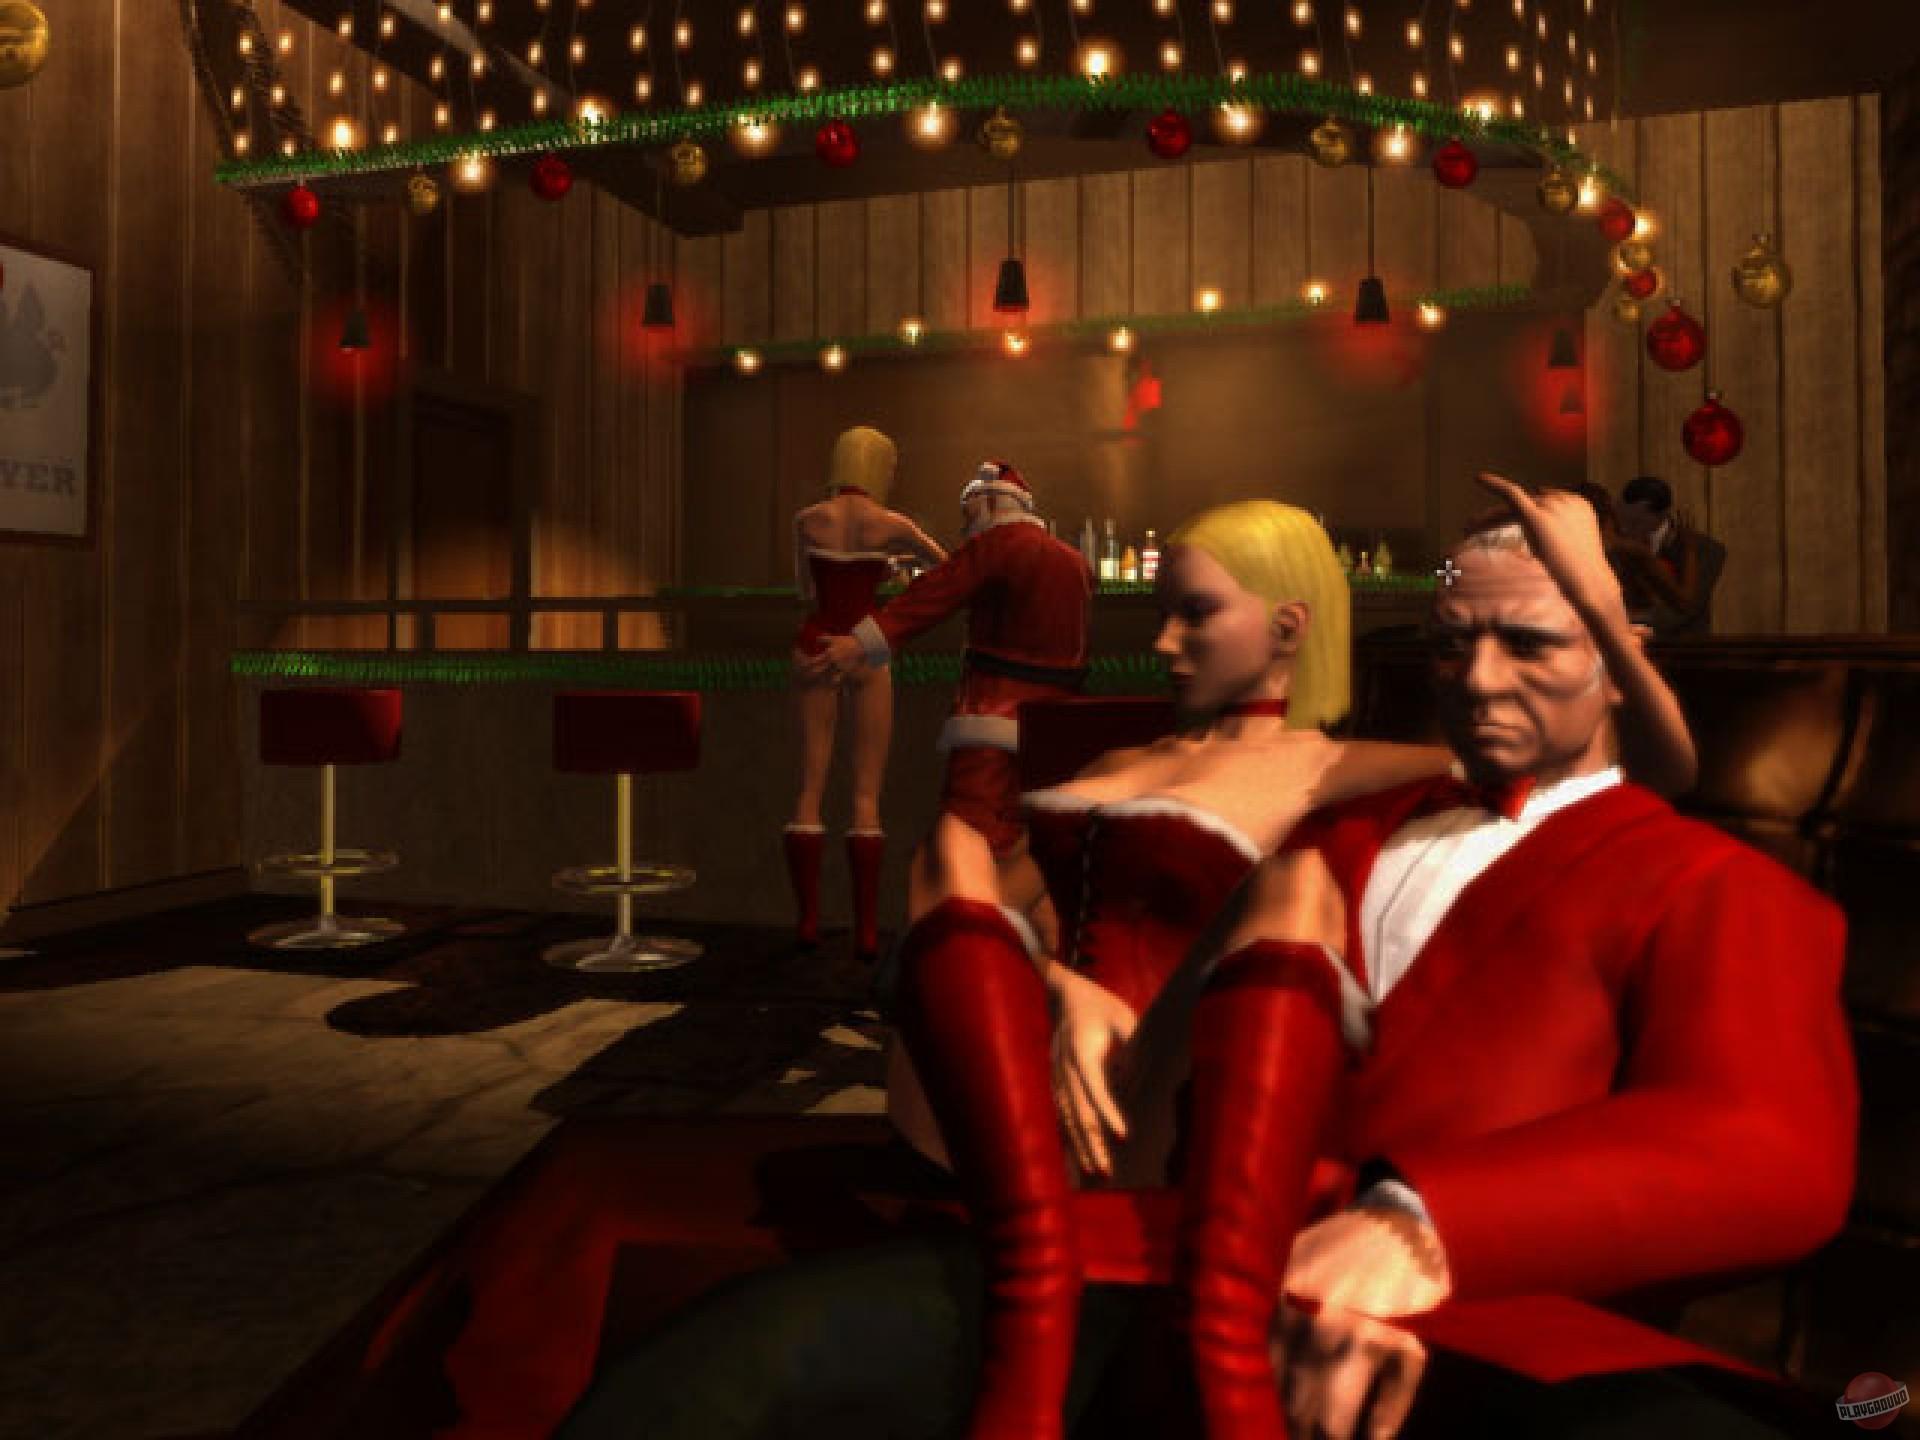 Porn photo of hitman 2 sex comics